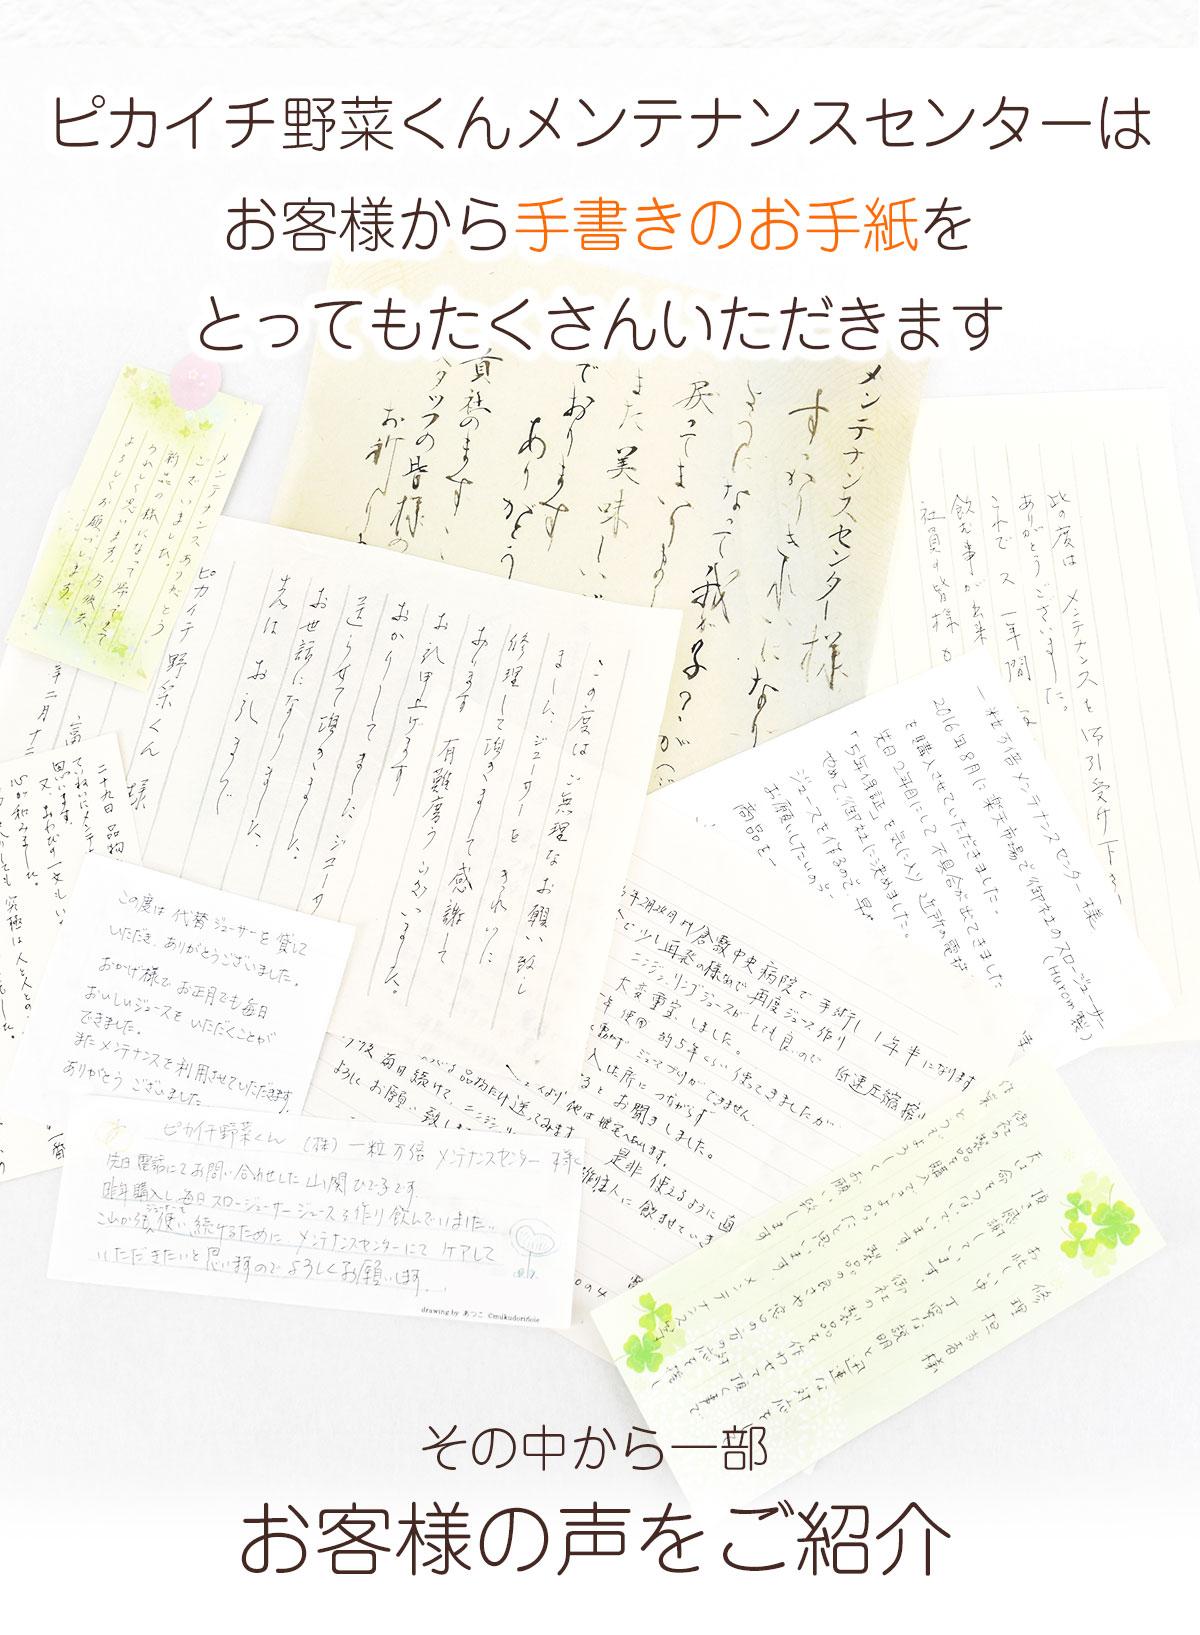 お客様から手書きのお手紙